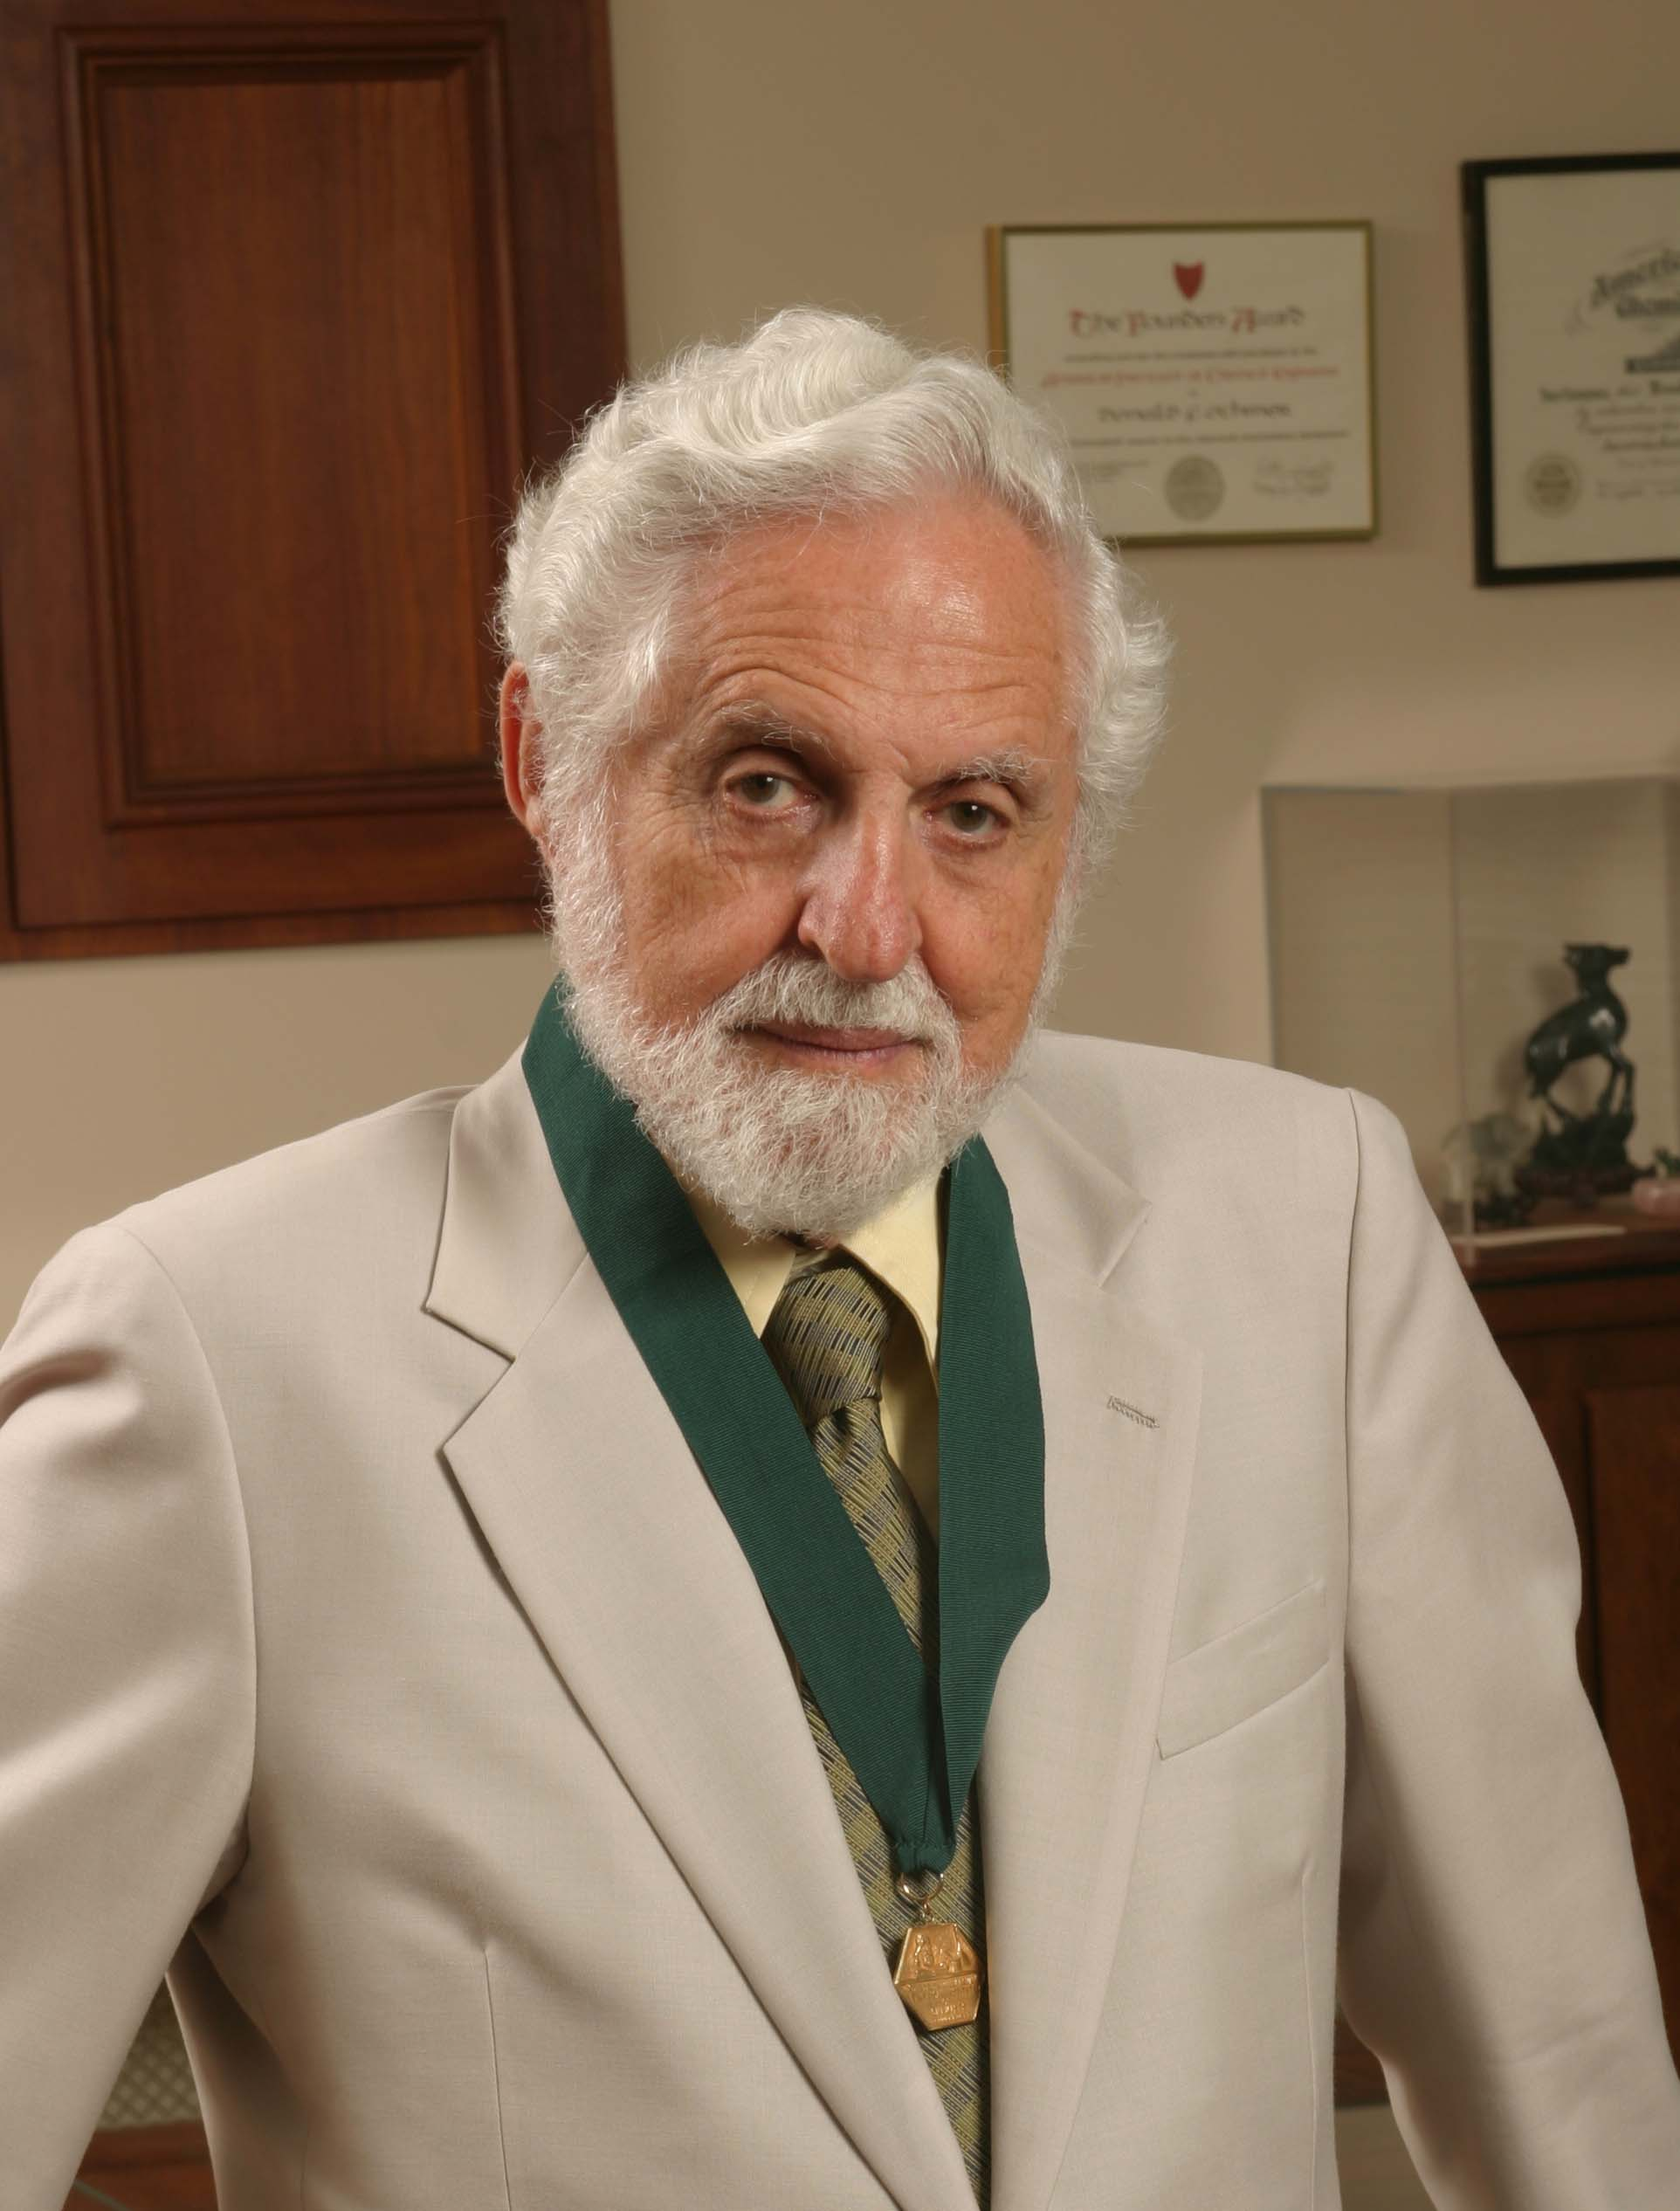 Carl Djerassi in 2004